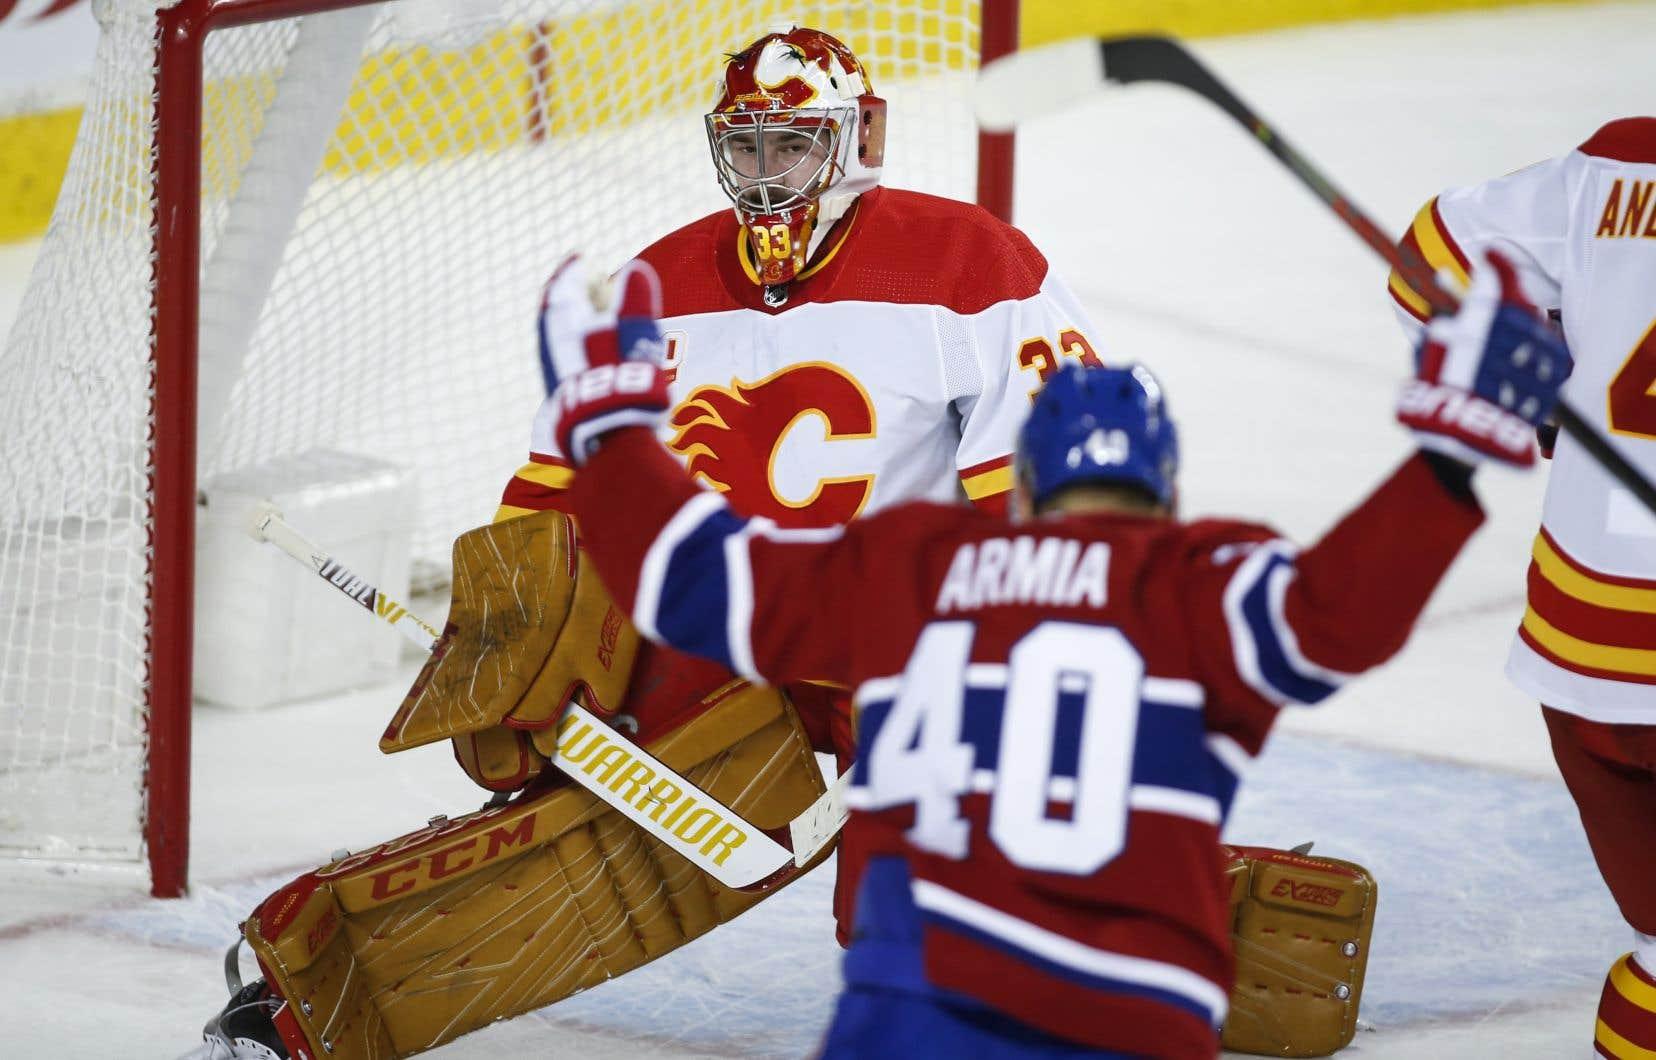 Le Canadien affrontera les Flames de Calgary au Centre Bell le 28 janvier.